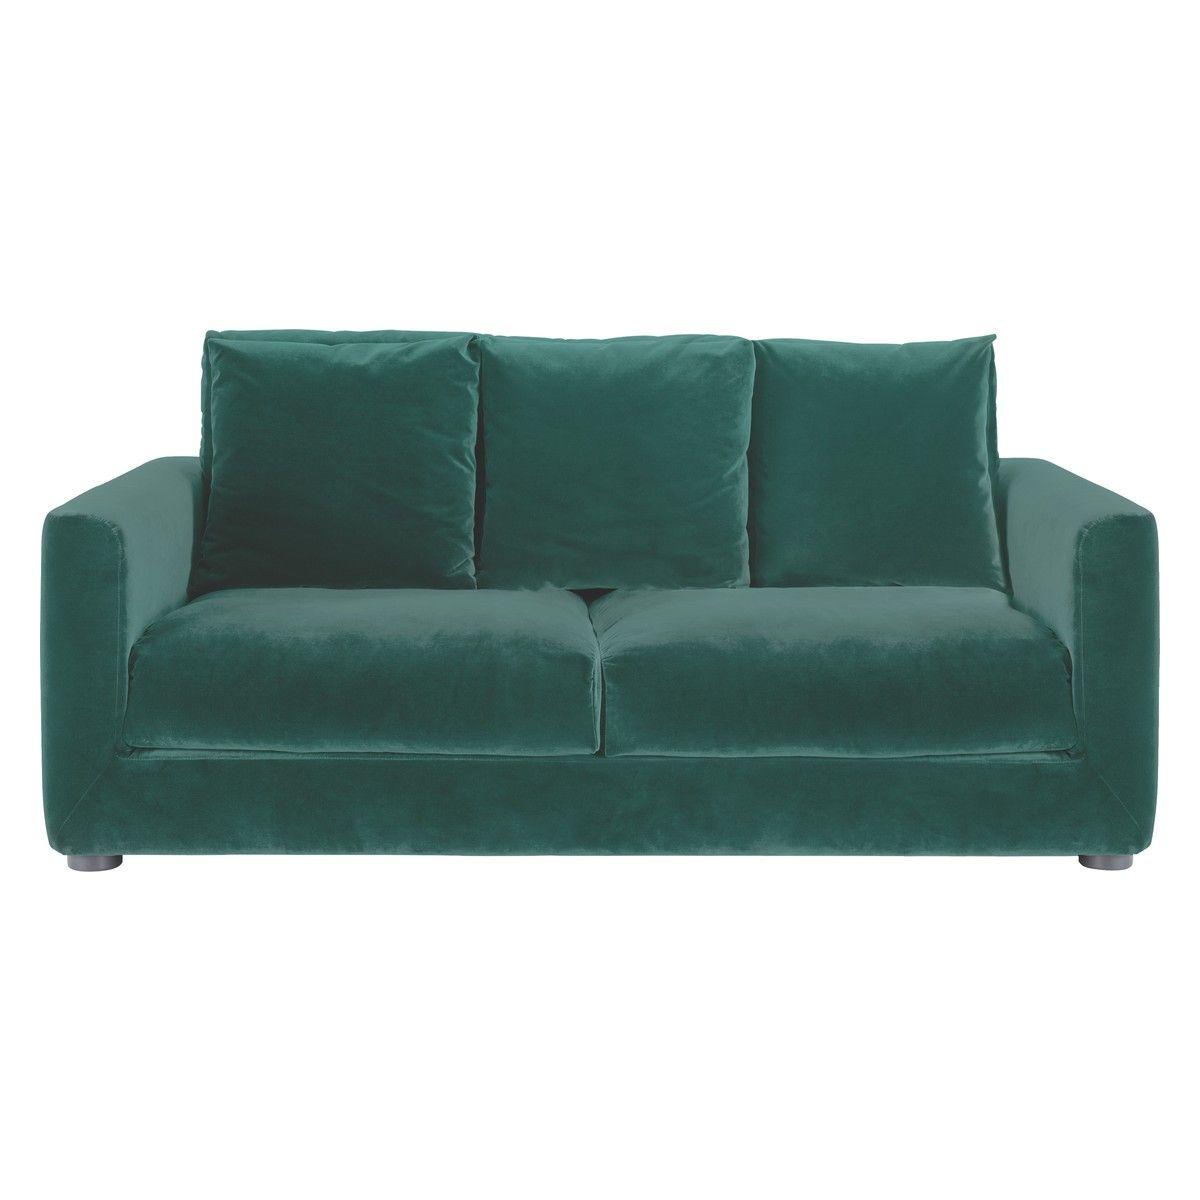 Rupert Emerald Green Velvet 2 Seater Sofa Bed